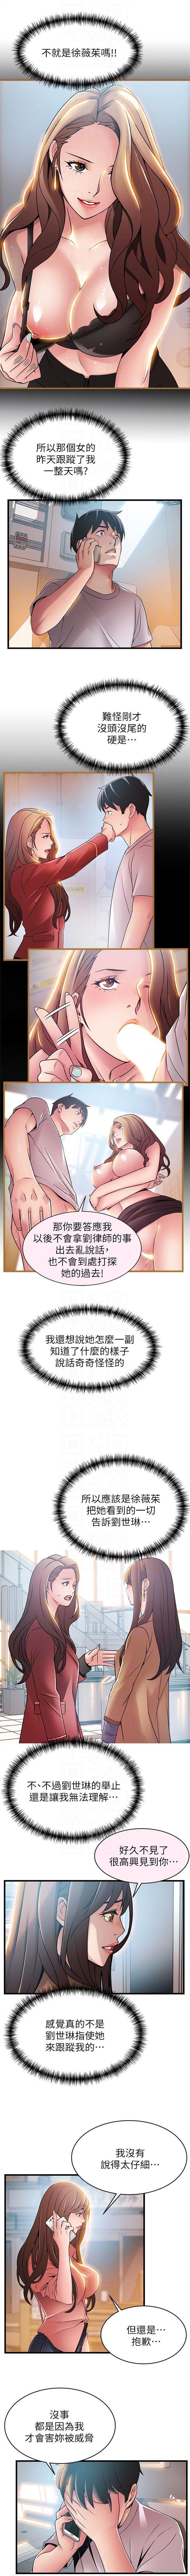 弱点 1-64 中文翻译(更新中) 251